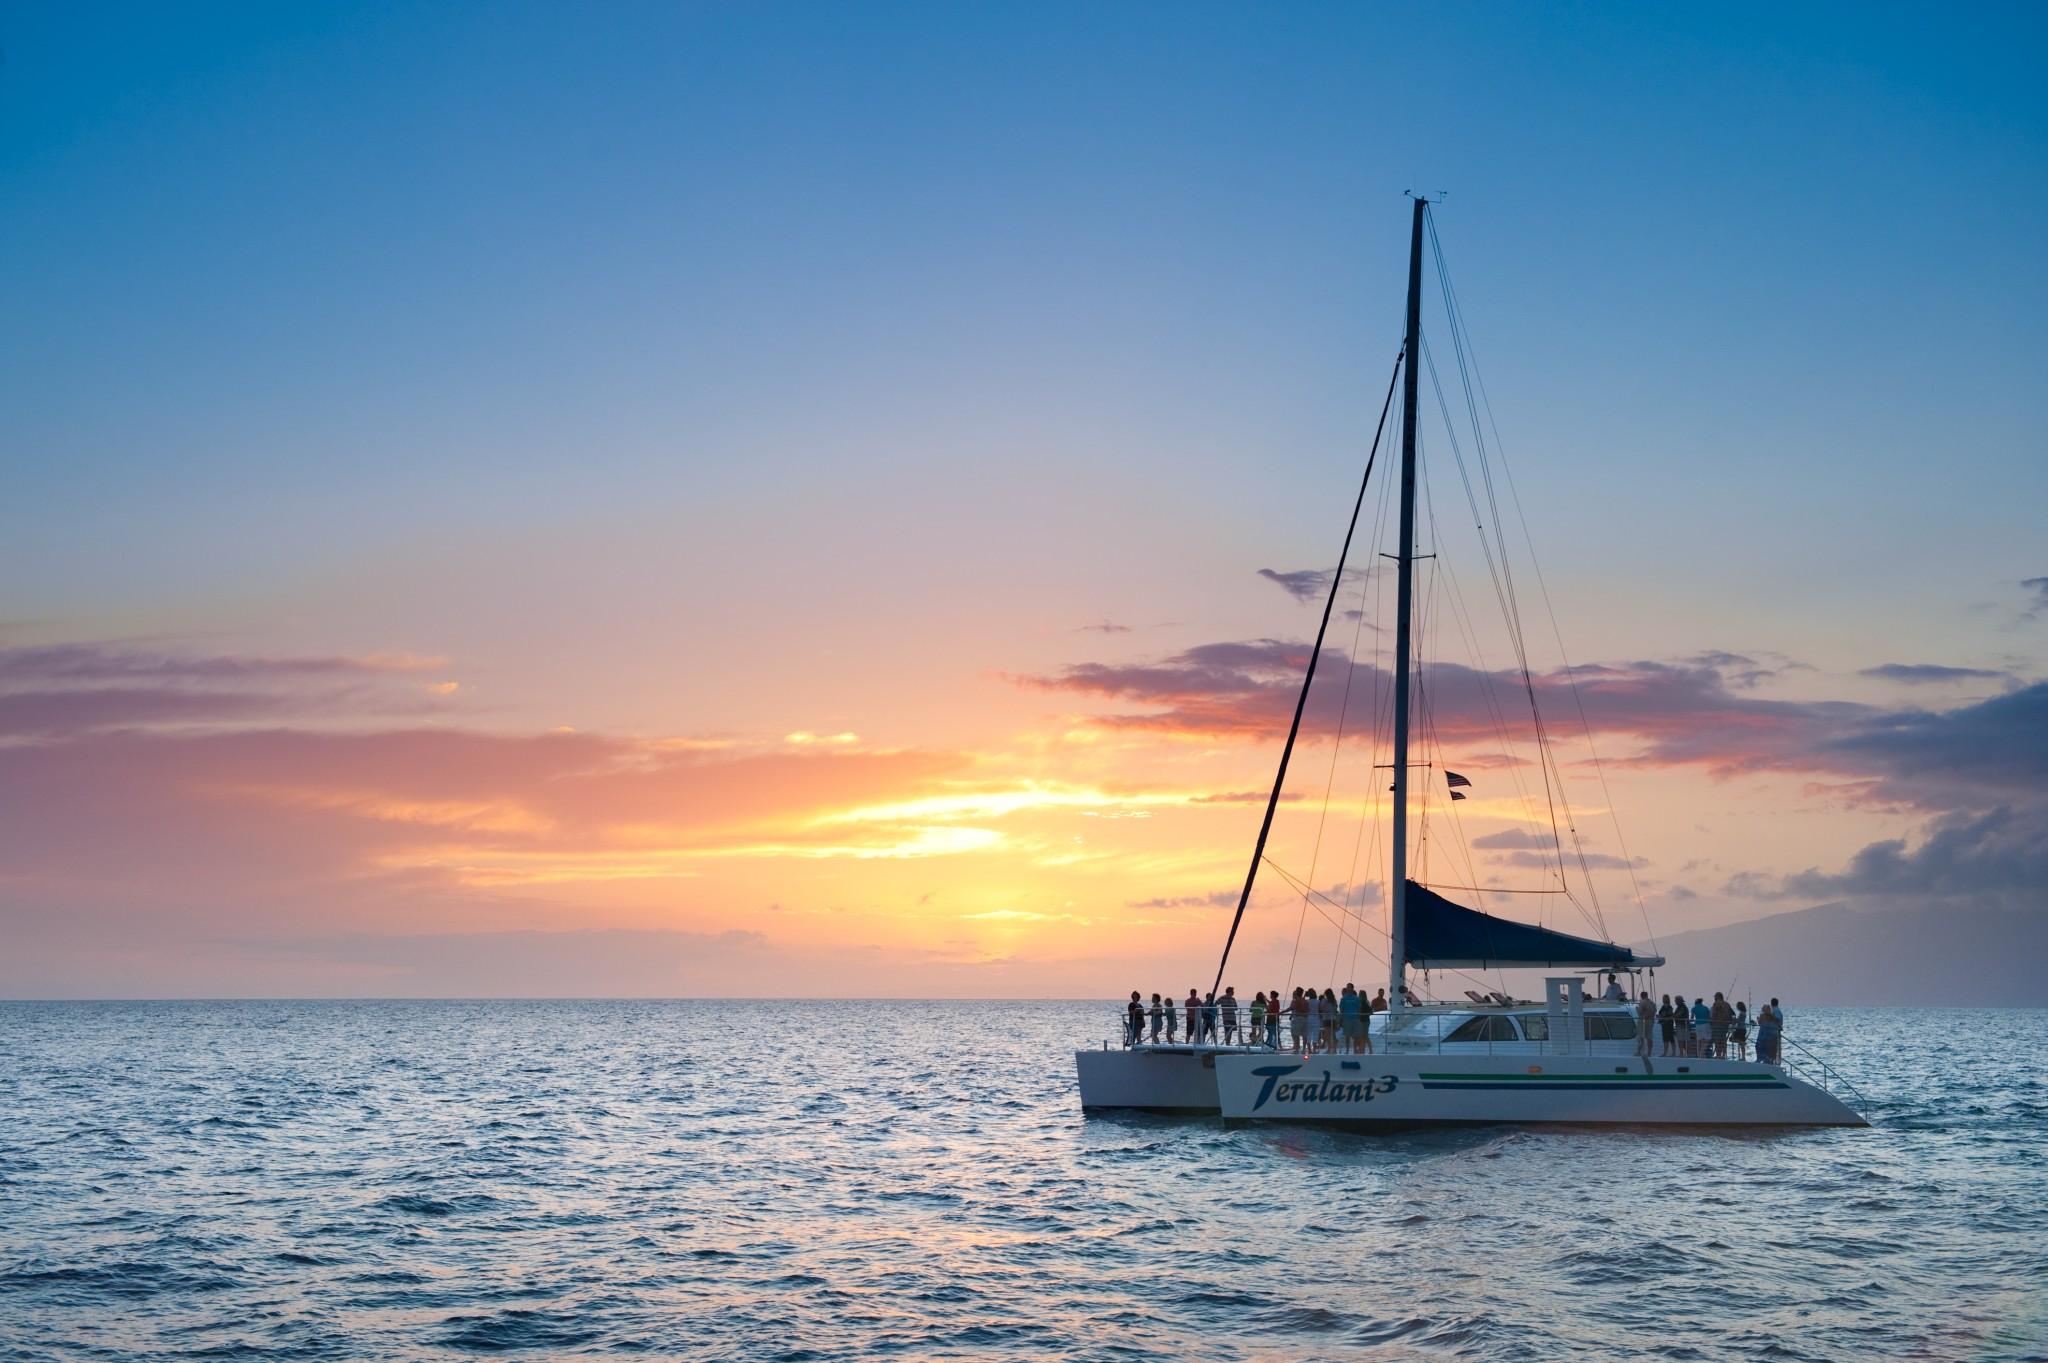 Teralani Sailing Adventures_sunset